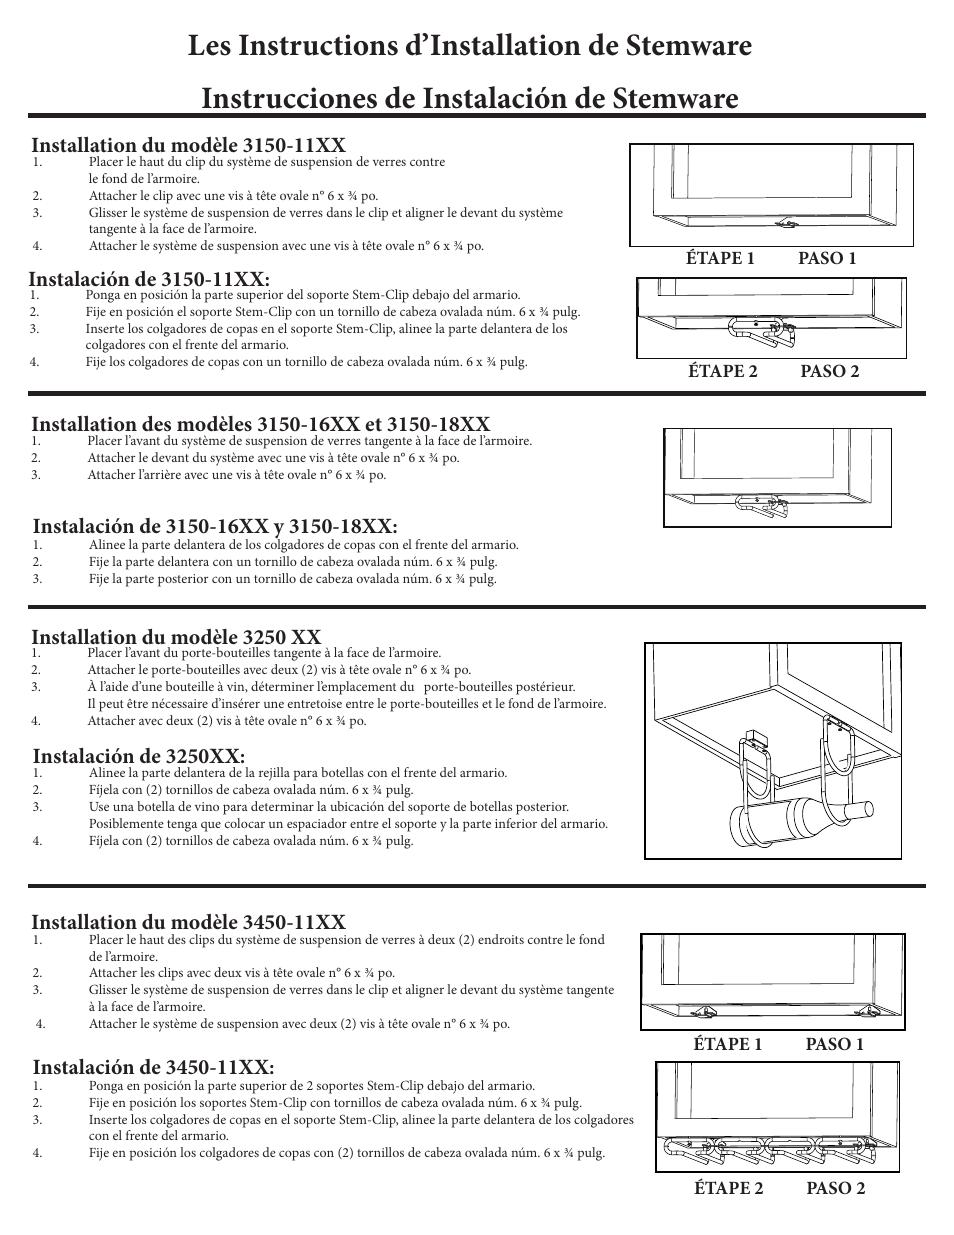 Instalación de 3250xx   Rev-A-Shelf 3450-11XX User Manual   Page